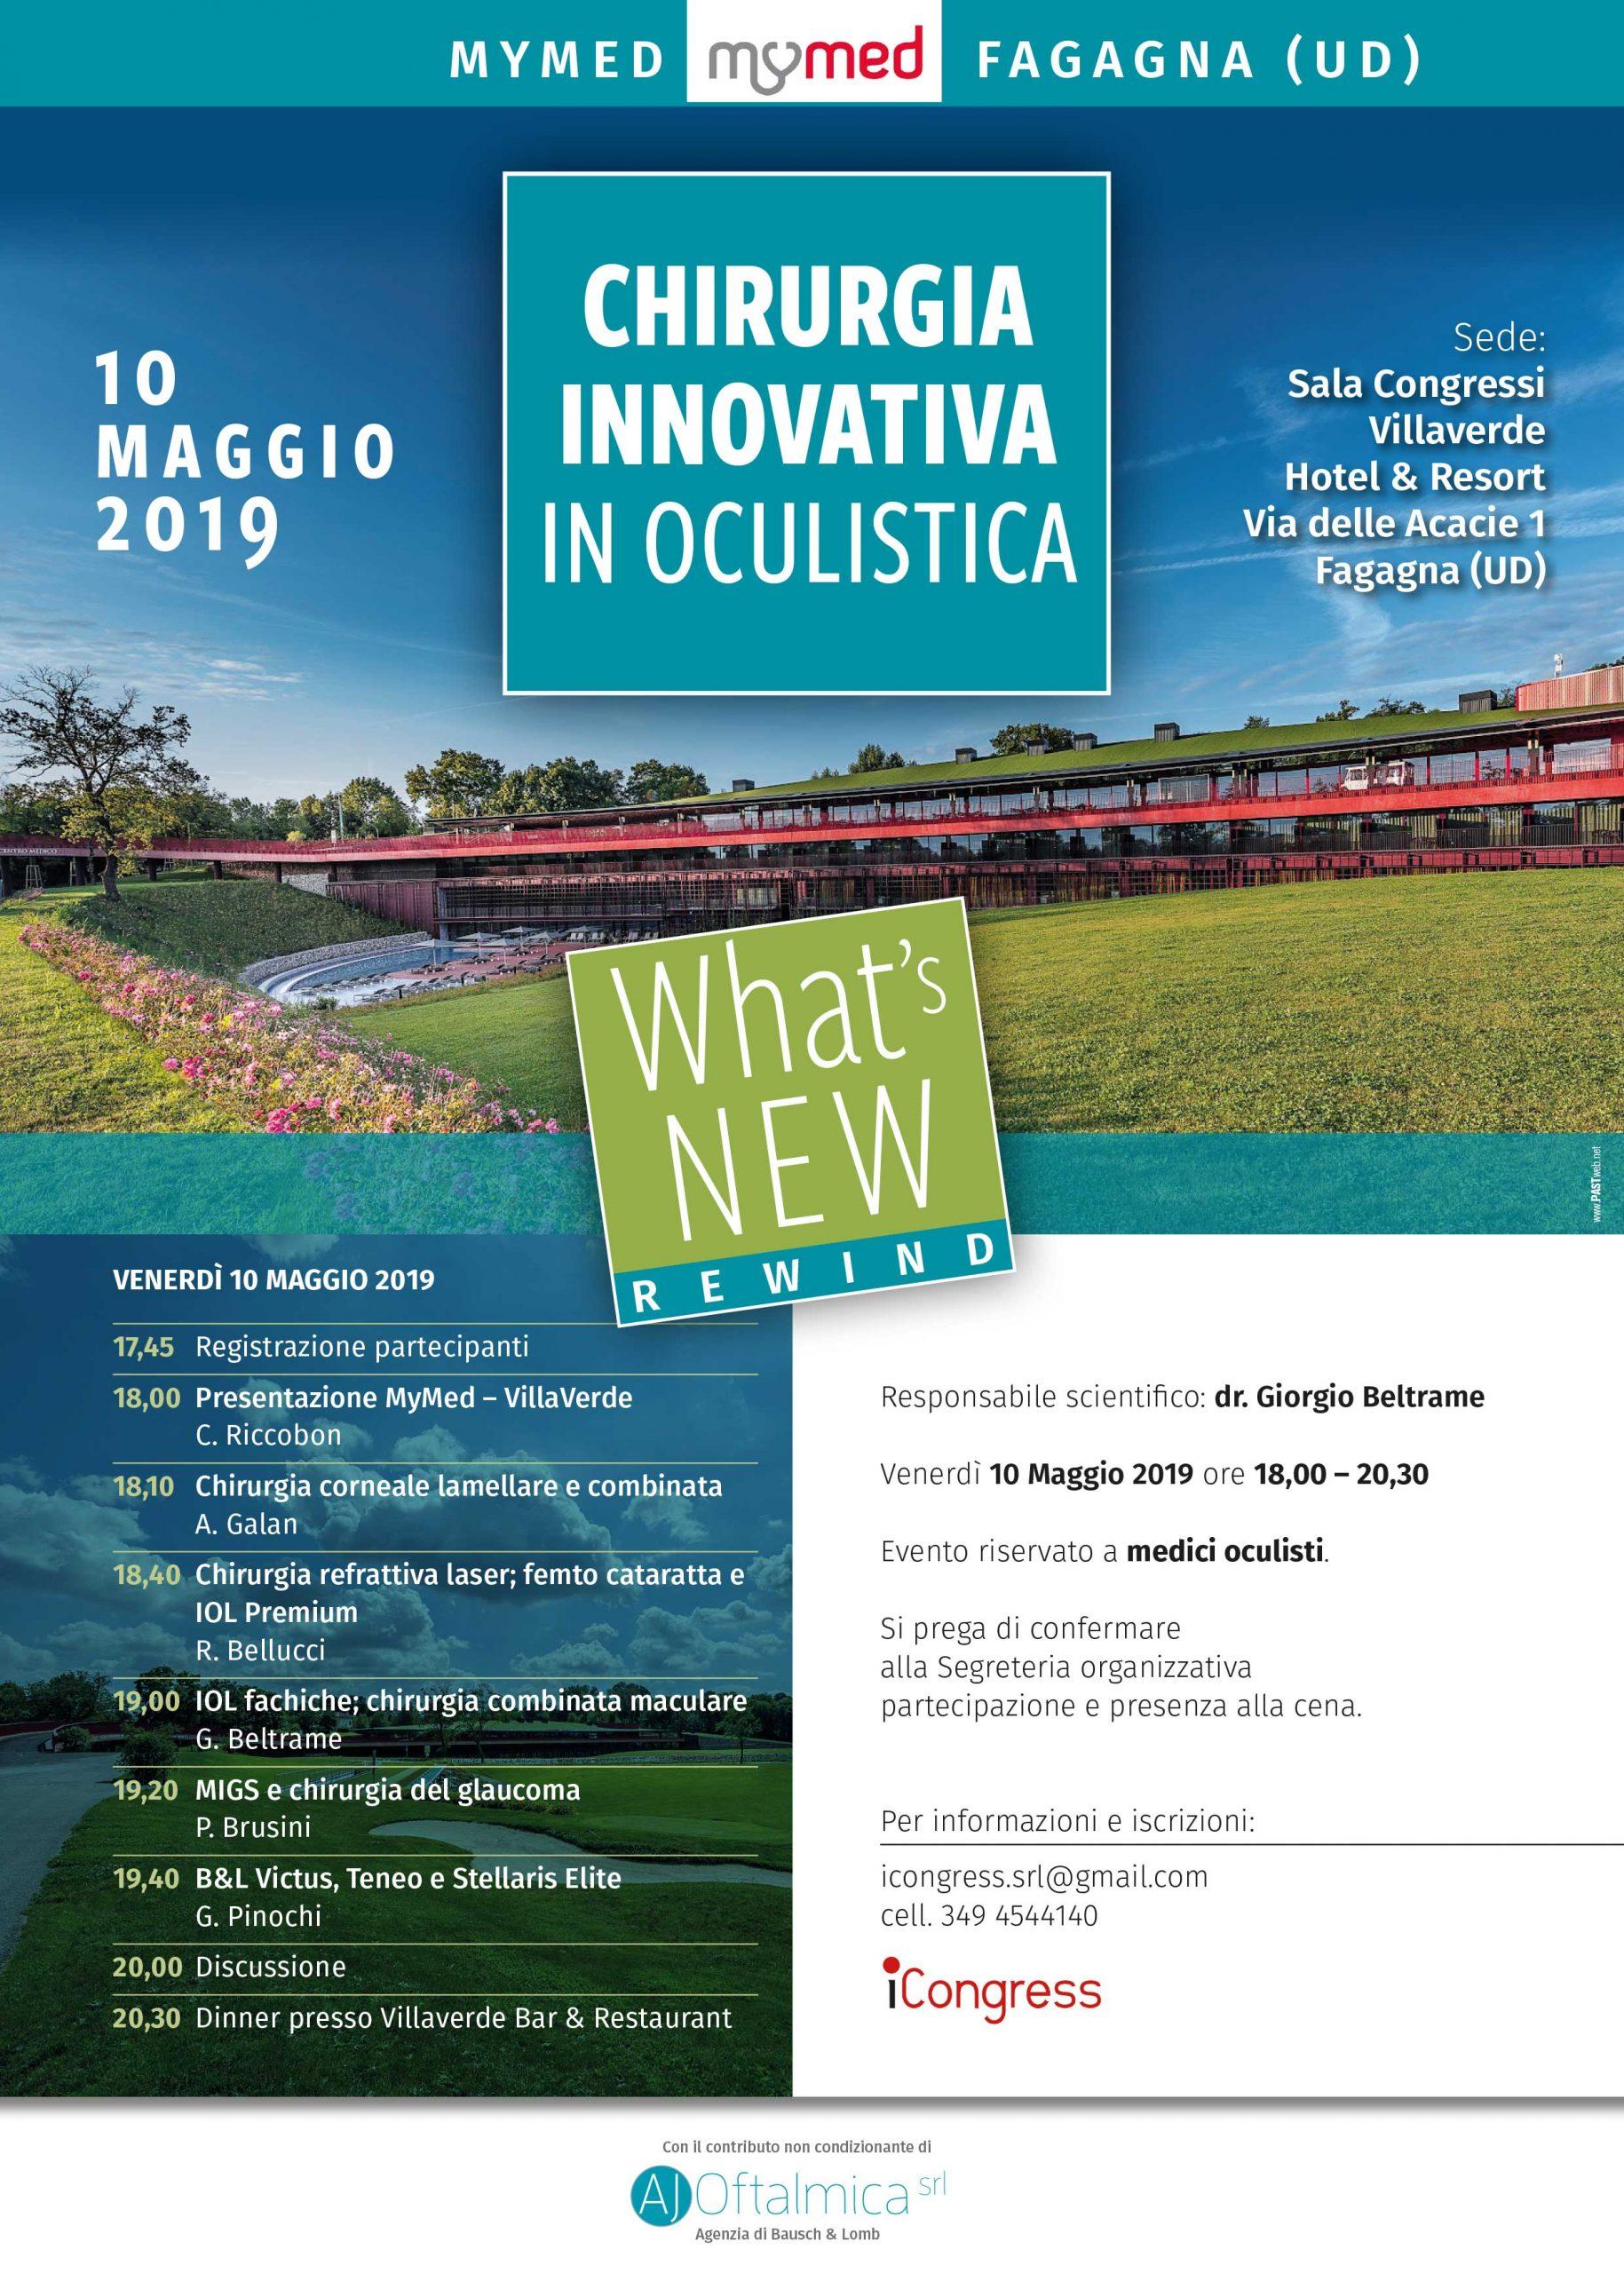 Poster_fagagna